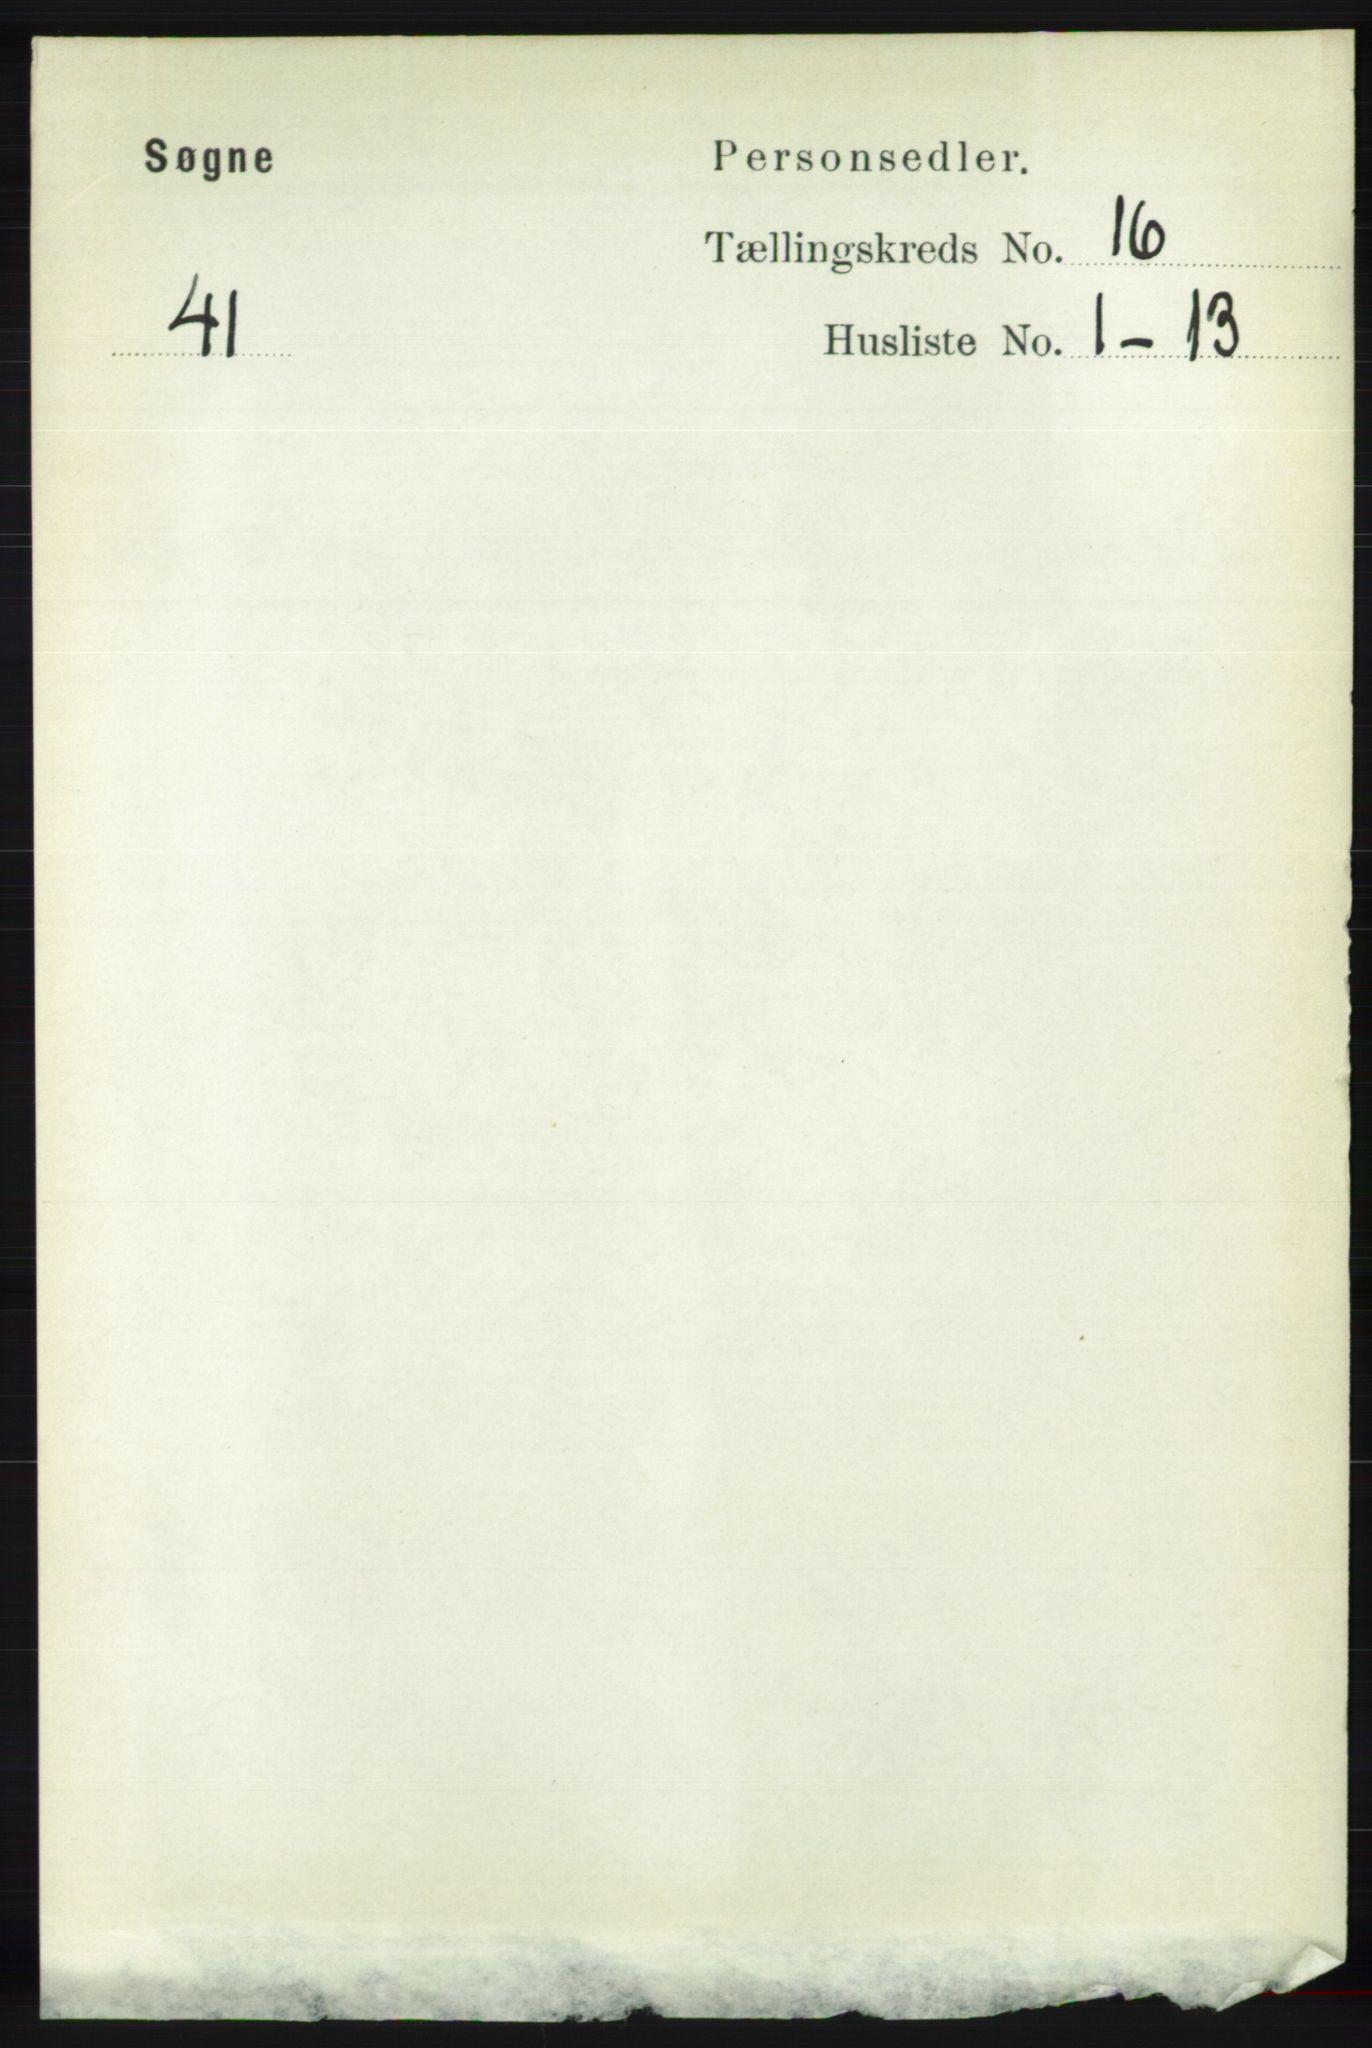 RA, Folketelling 1891 for 1018 Søgne herred, 1891, s. 4394